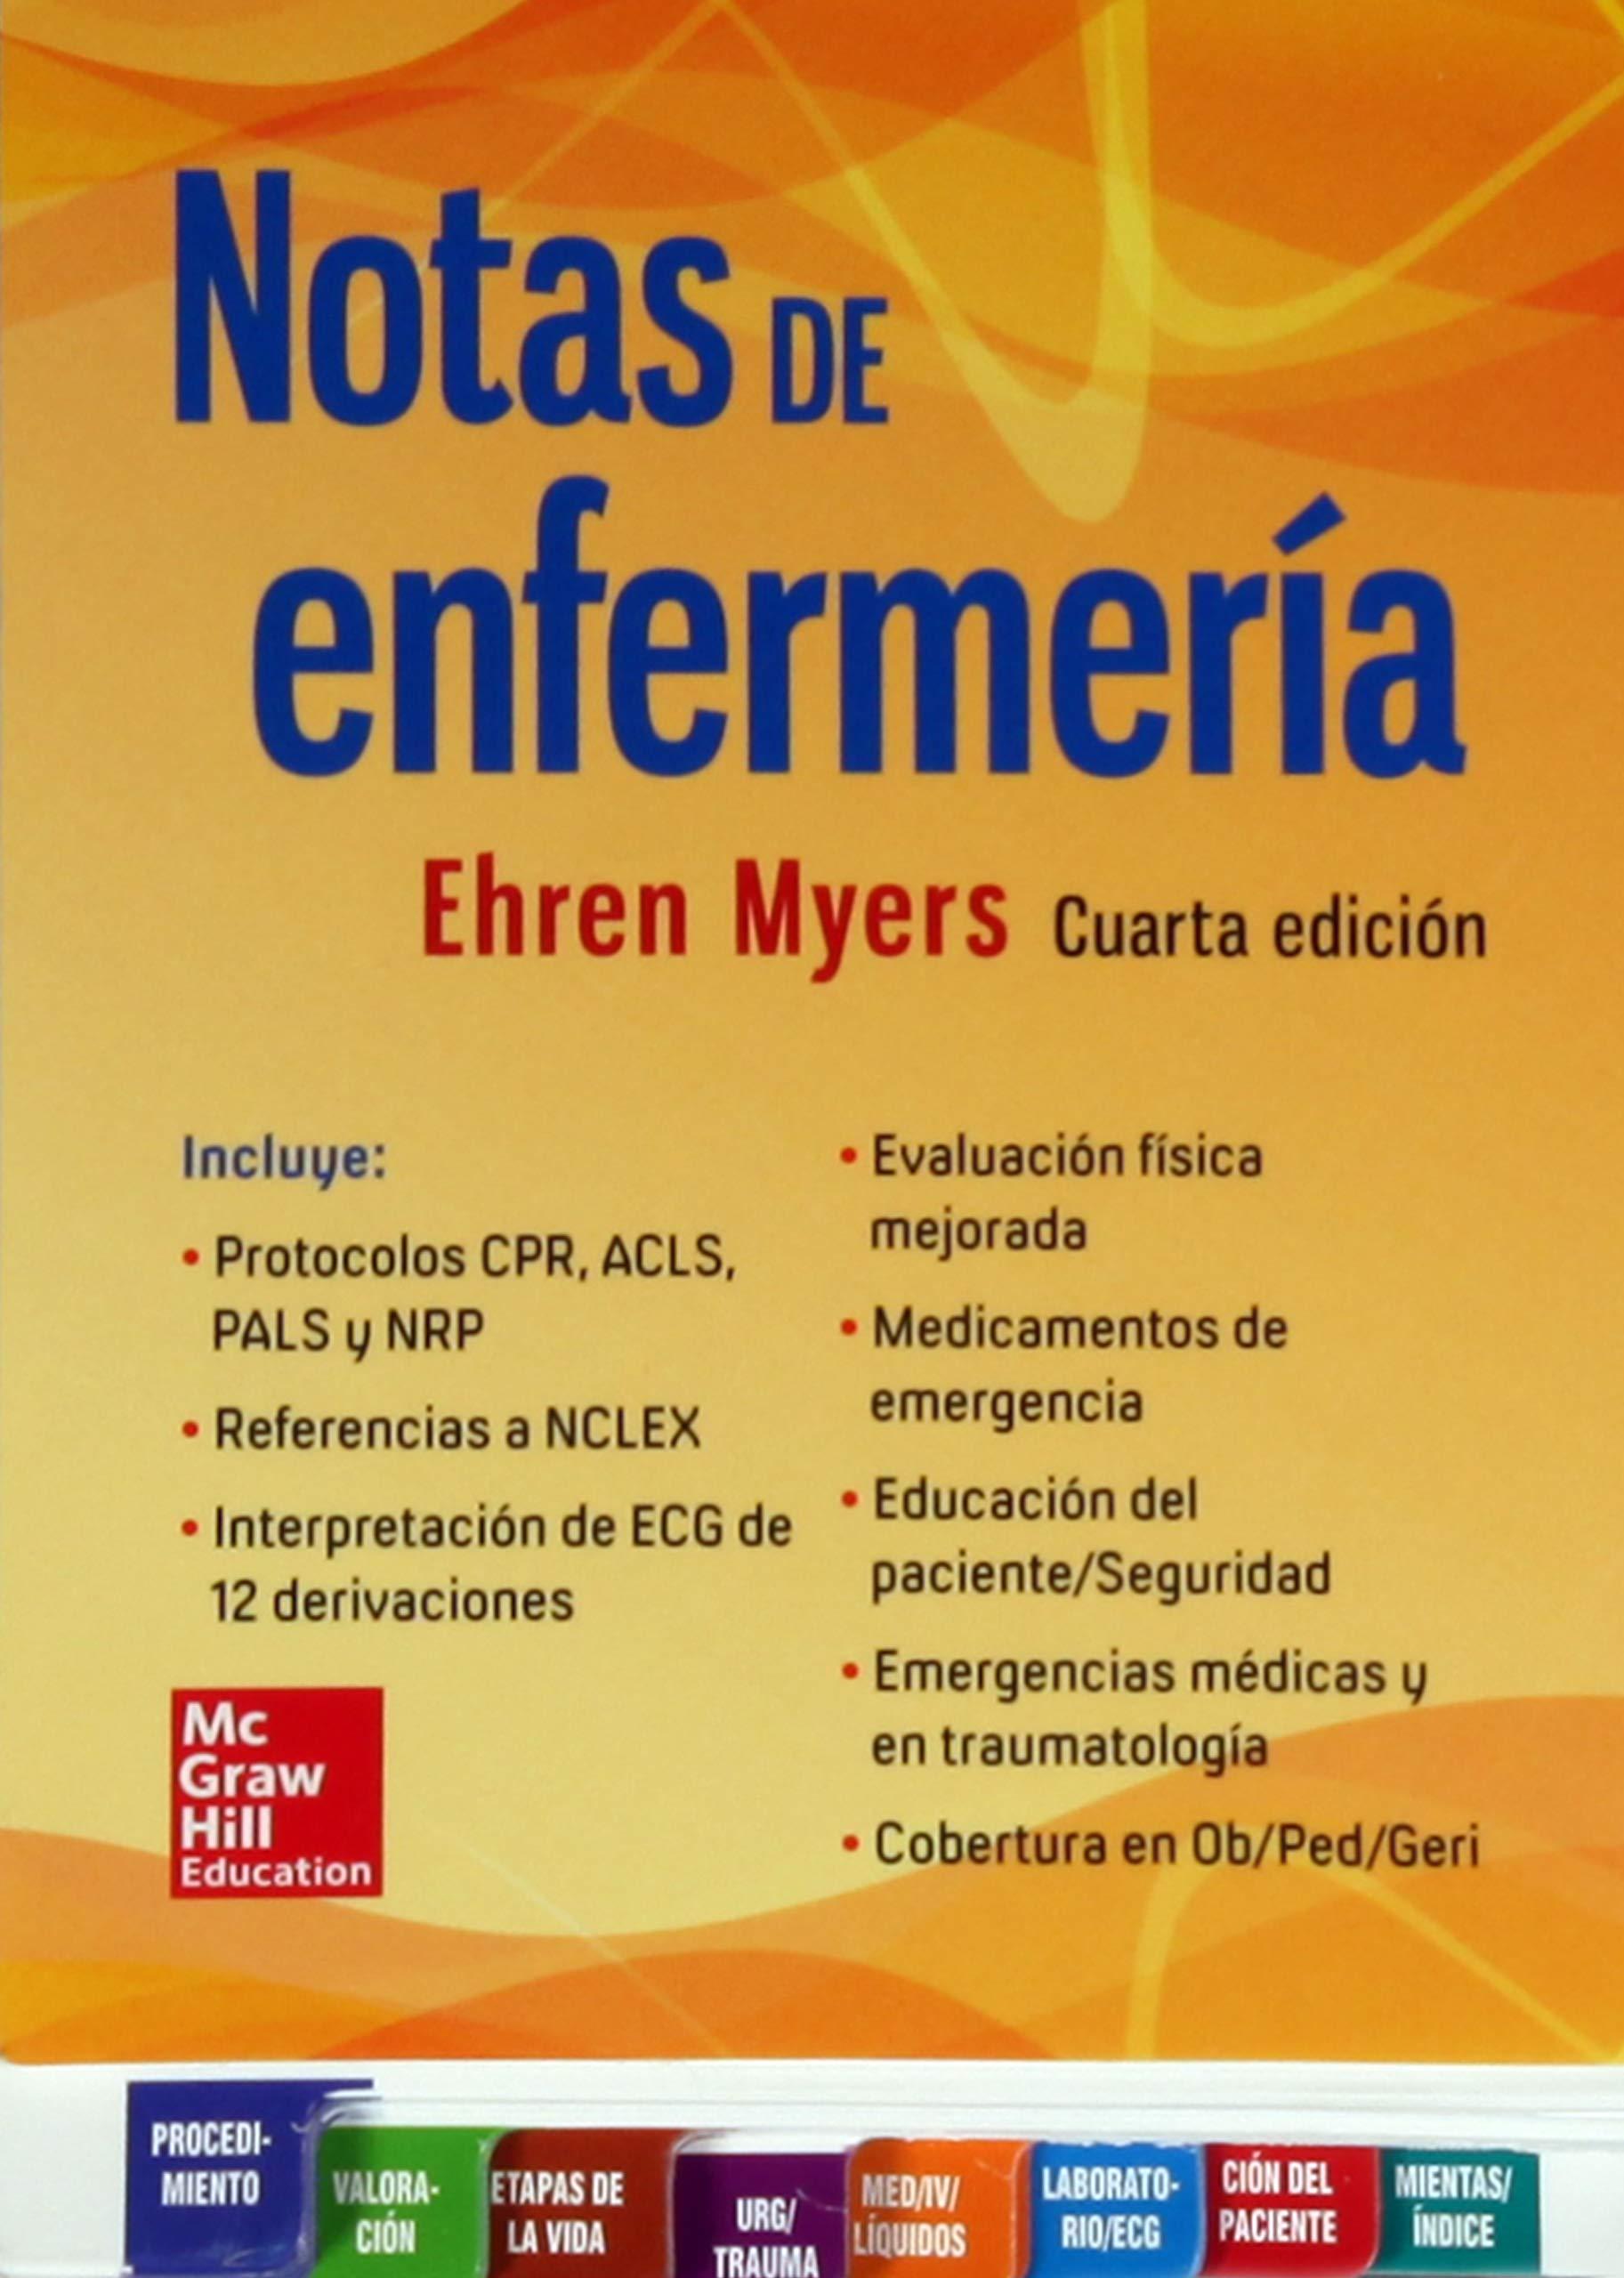 NOTAS DE ENFERMERIA: Amazon.es: Ehren Myers: Libros